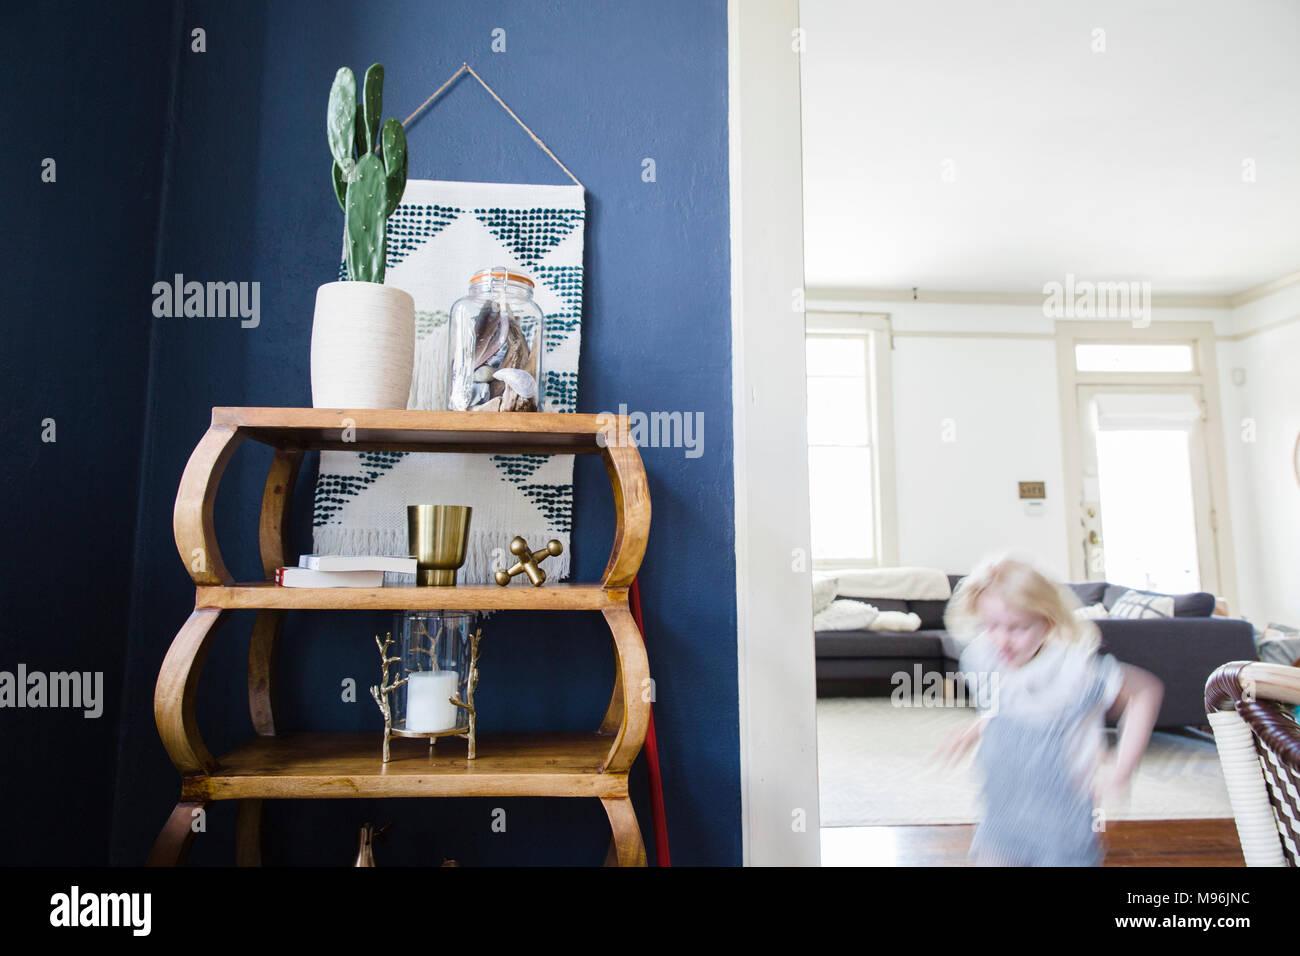 Cactus sur étagère avec enfant tournant en arrière-plan Photo Stock